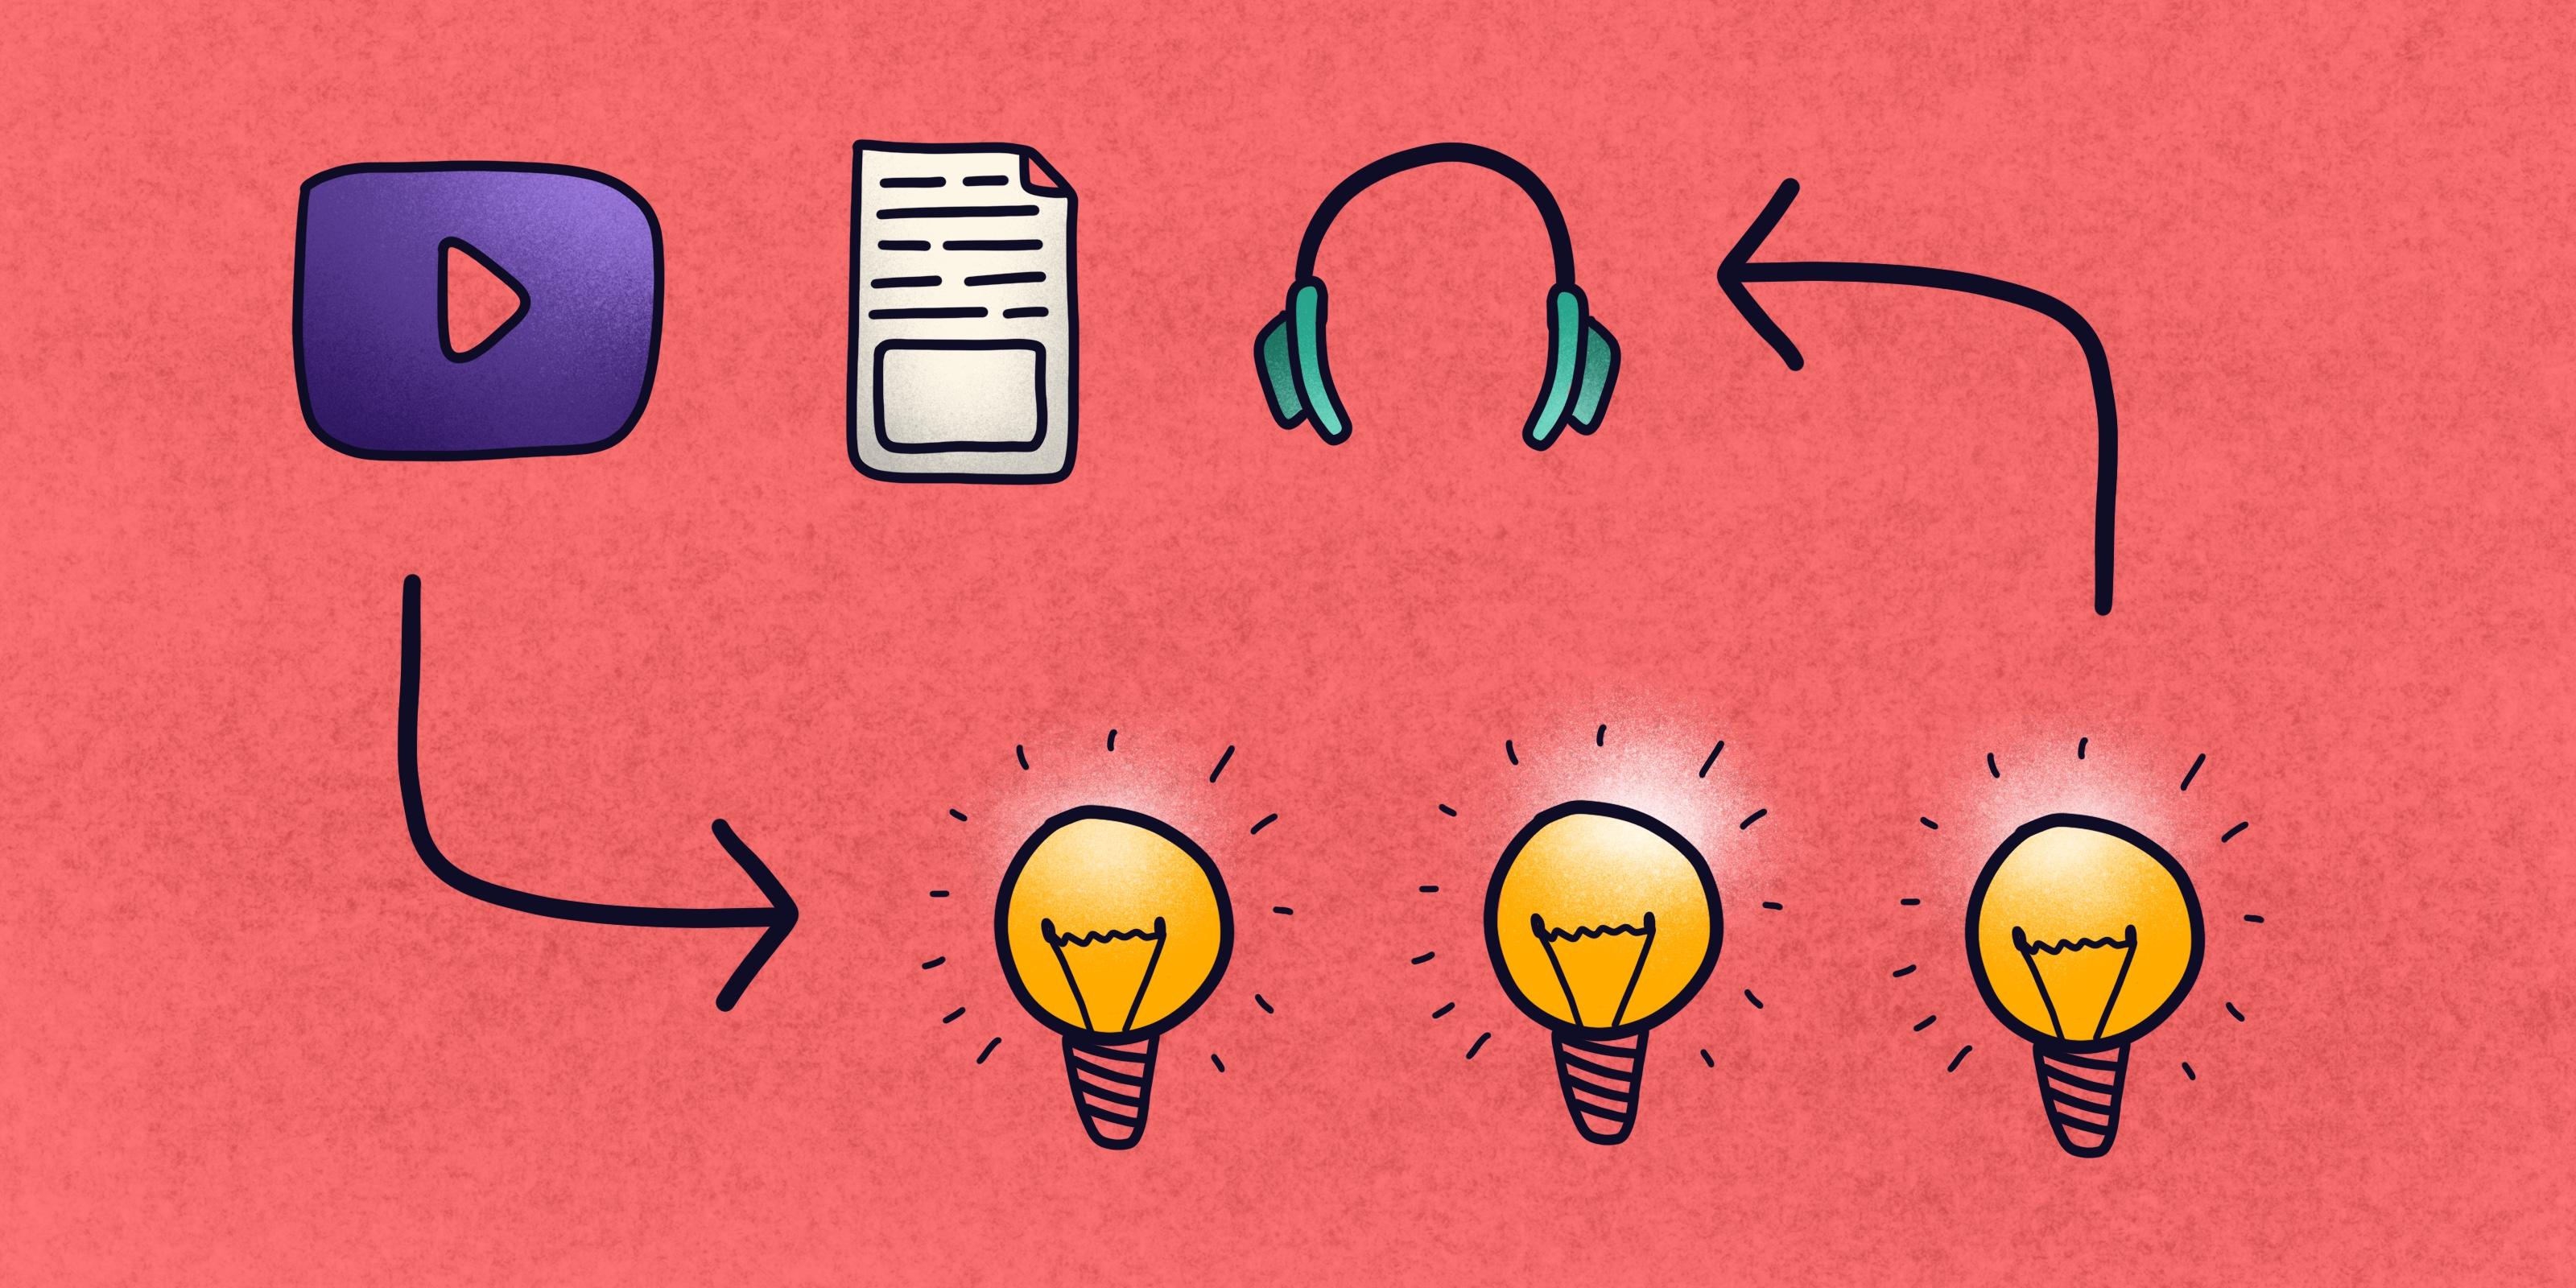 Jak się uczyć, ucząc innych? cover image